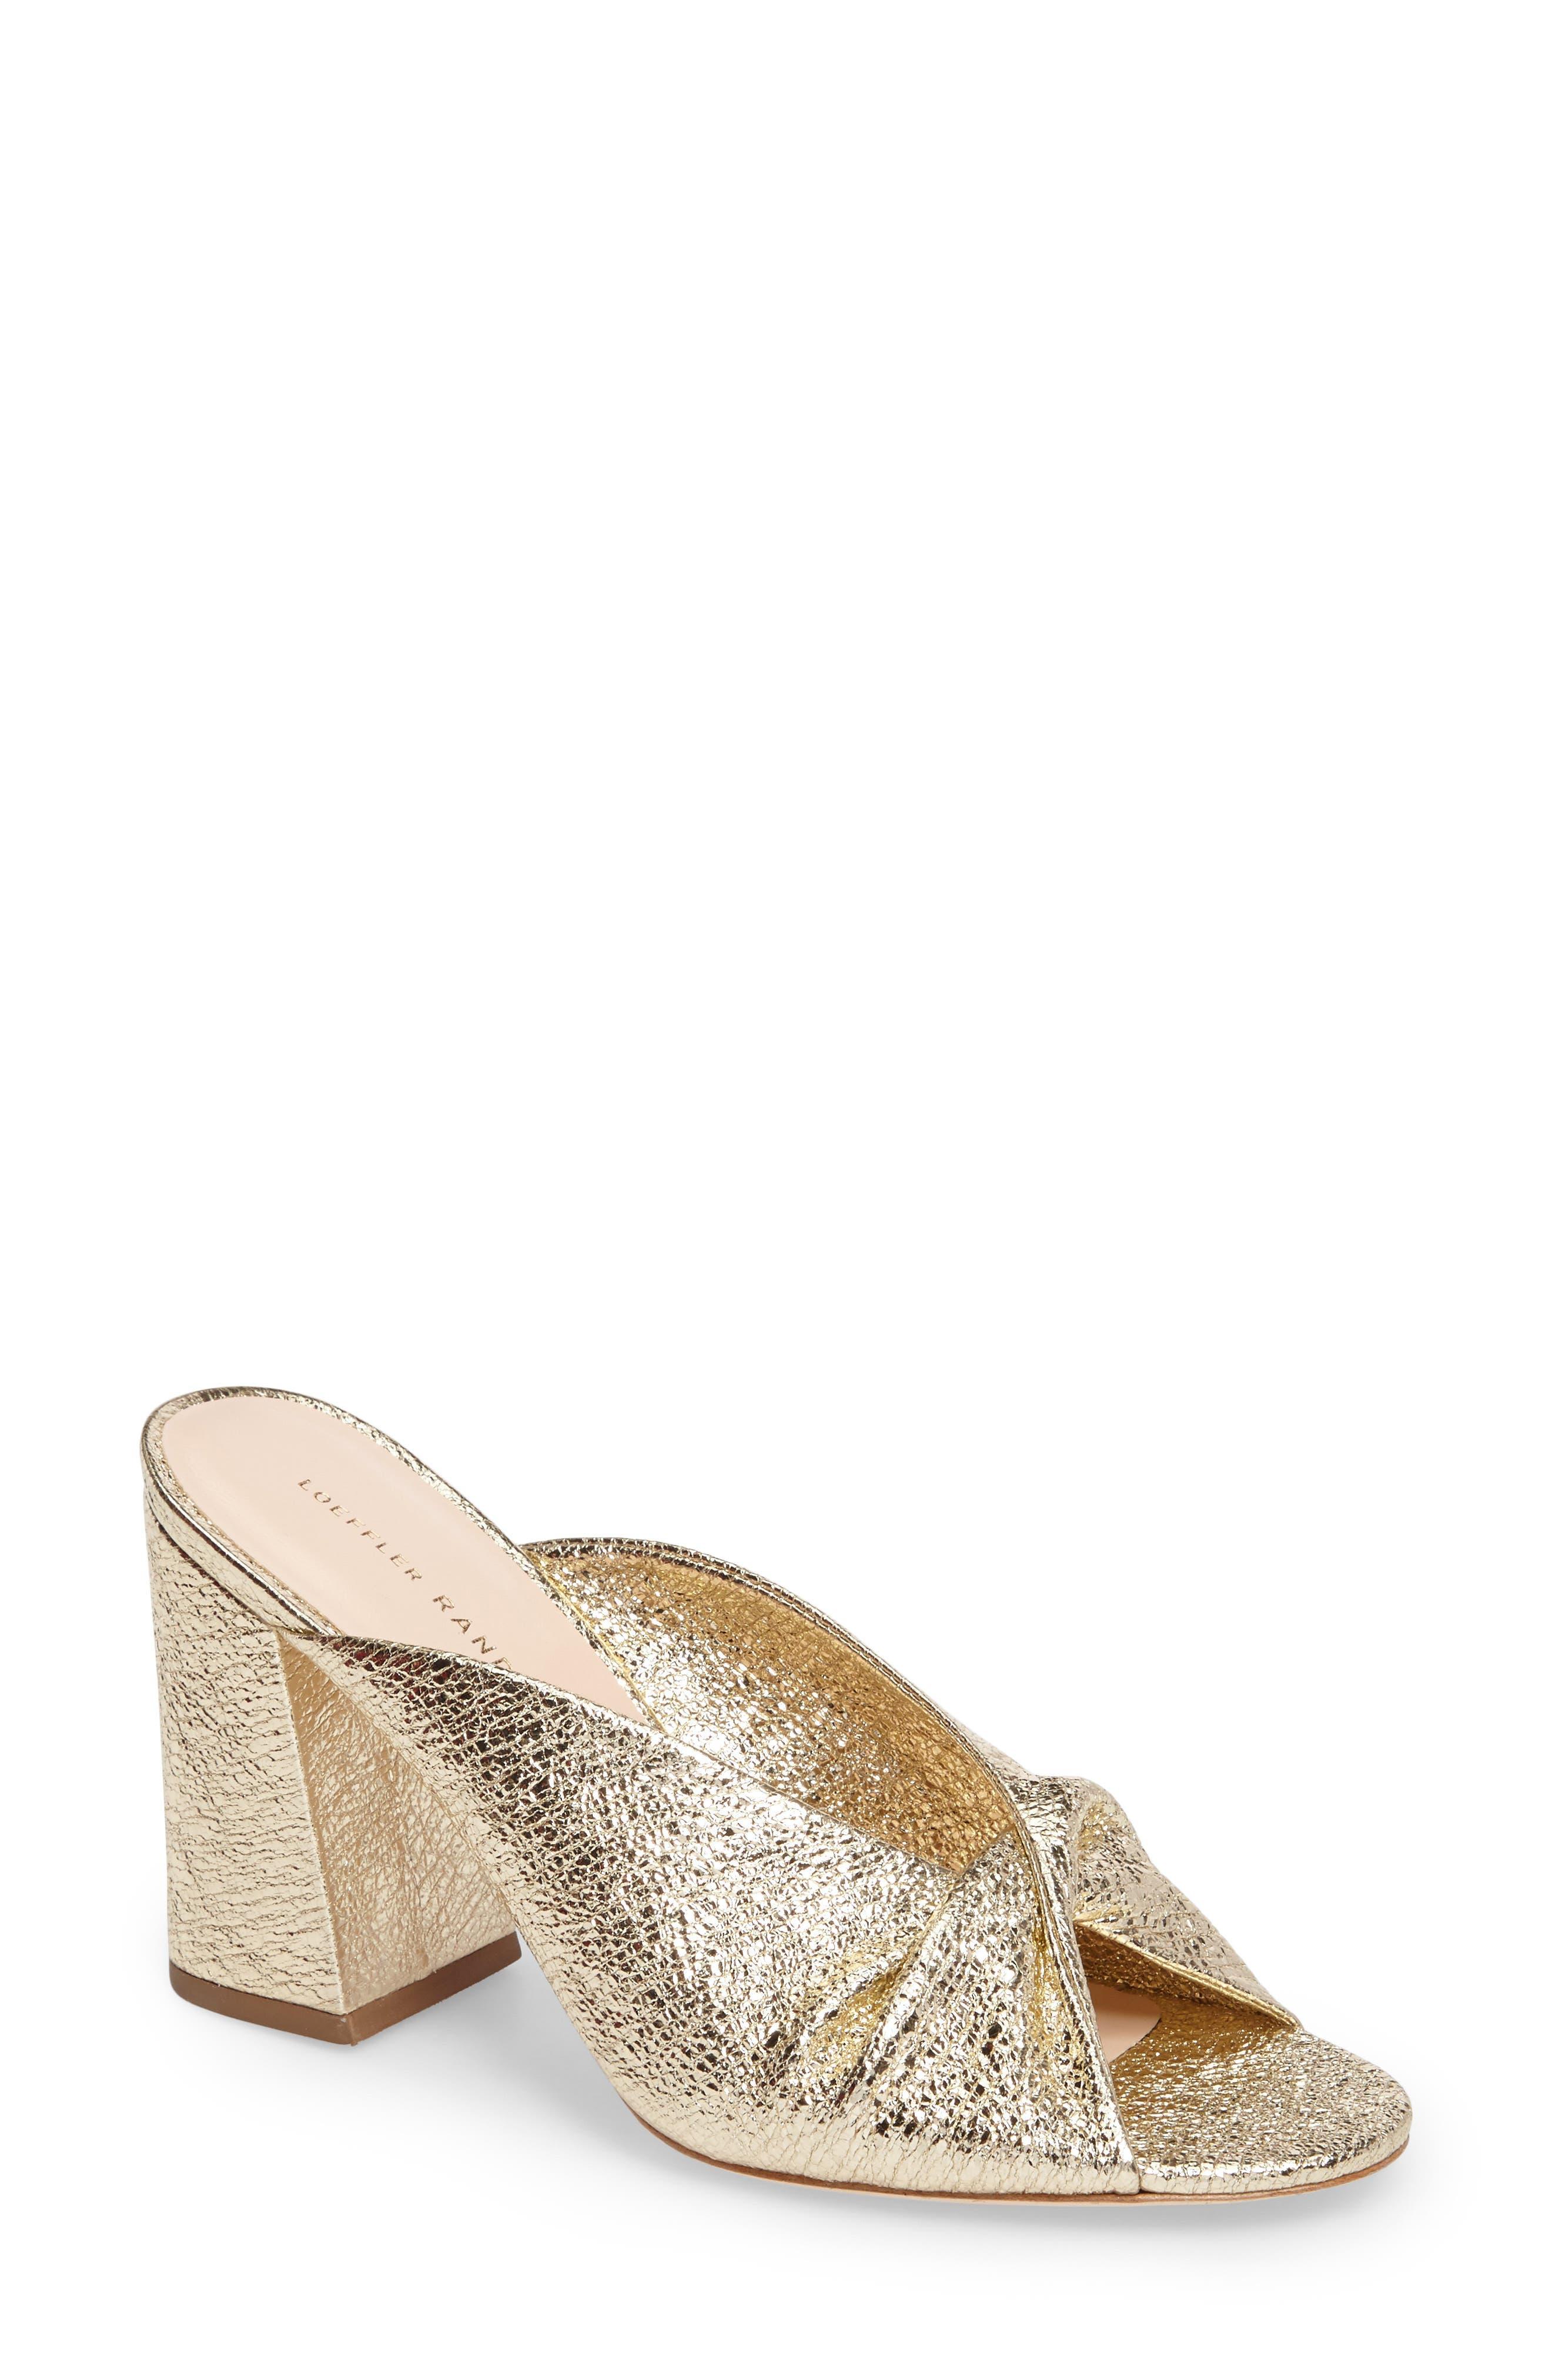 Laurel Slide Sandal,                         Main,                         color, Champagne